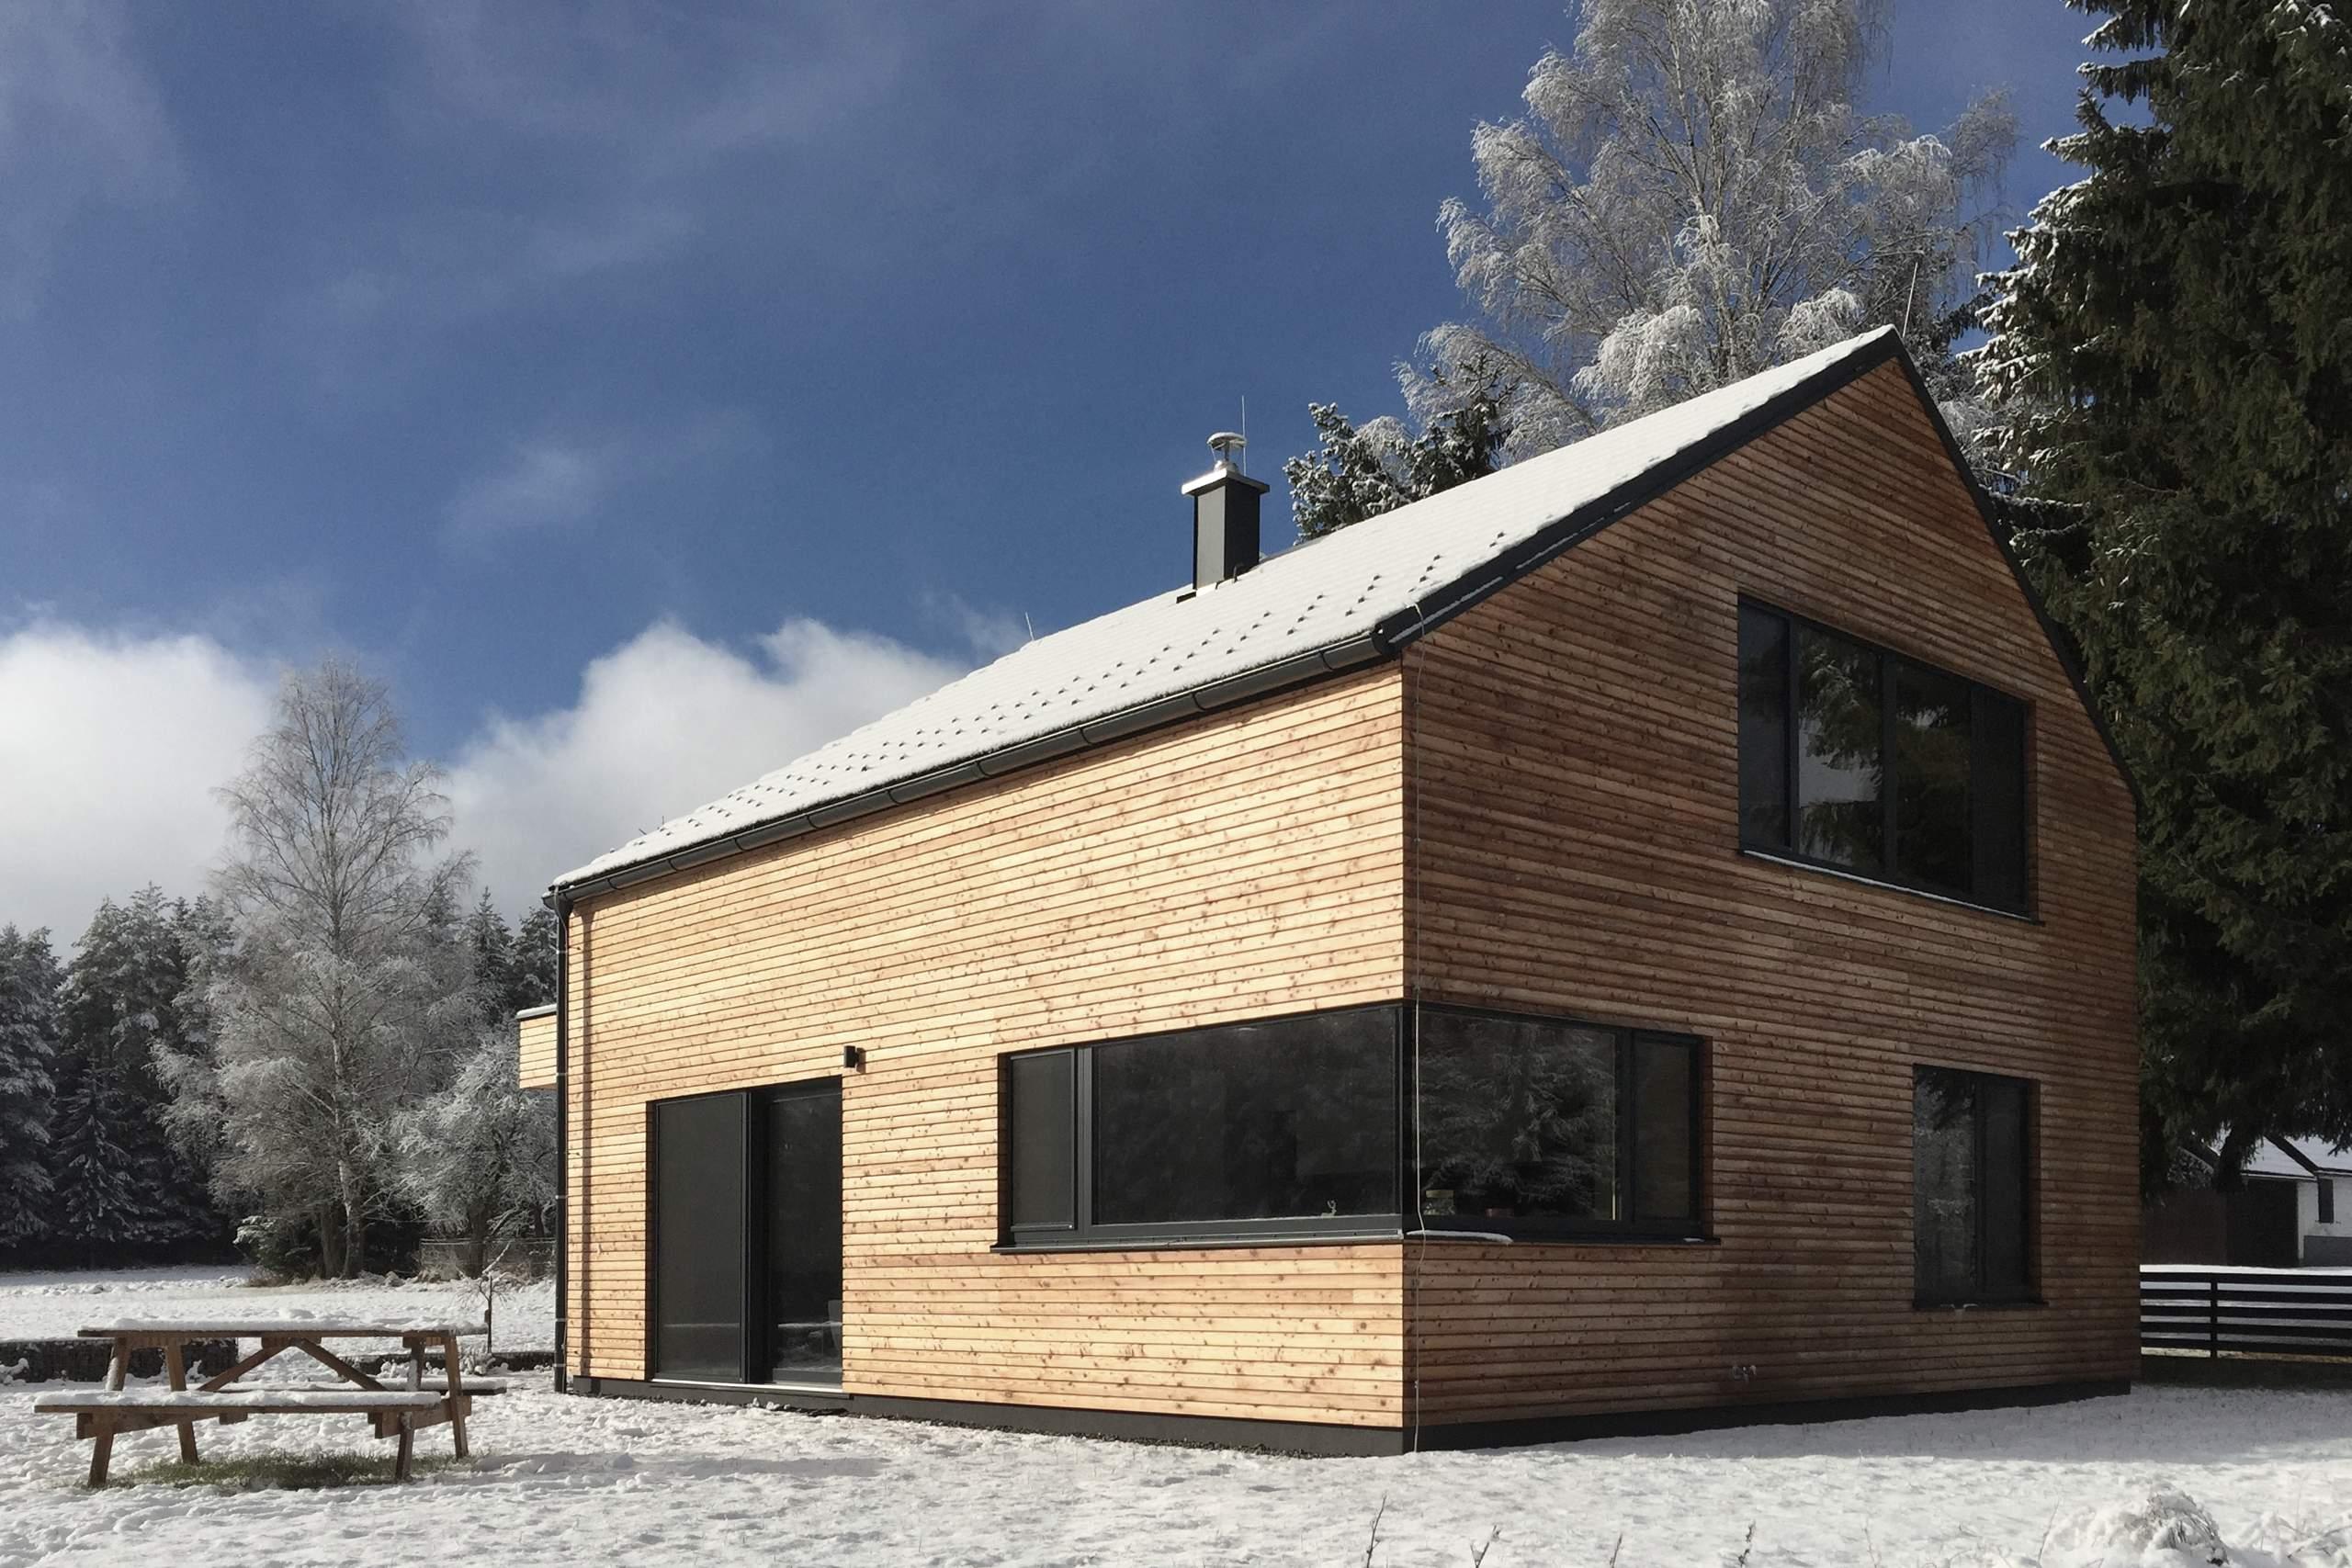 gopprechts niedrigenergie wochenendhaus liegler takeh architekten. Black Bedroom Furniture Sets. Home Design Ideas